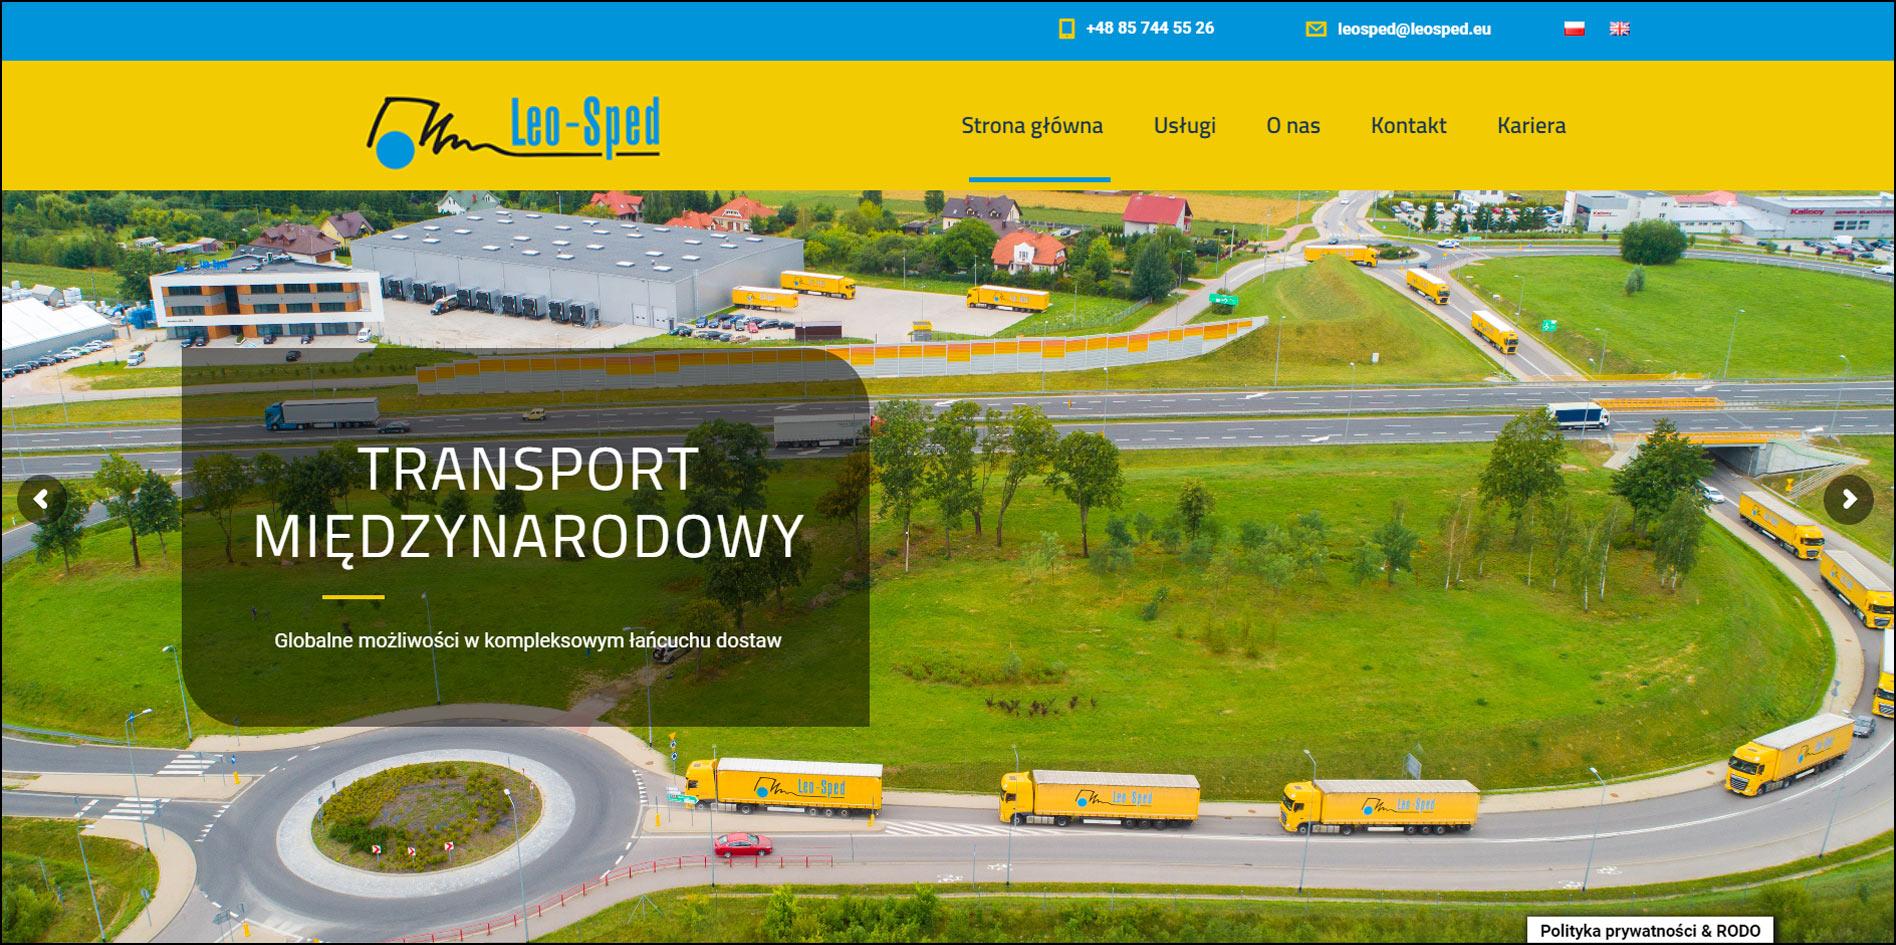 www.evion.pl-serwis-ogłoszeniowy-tworzenie-serwisów-Białystok-tworzenie-stron-internetowych-tanie-serwisy-www-tanie-strony-www-Białystok-projekyt-stron-internetowych-projekty-sklepów-(3)